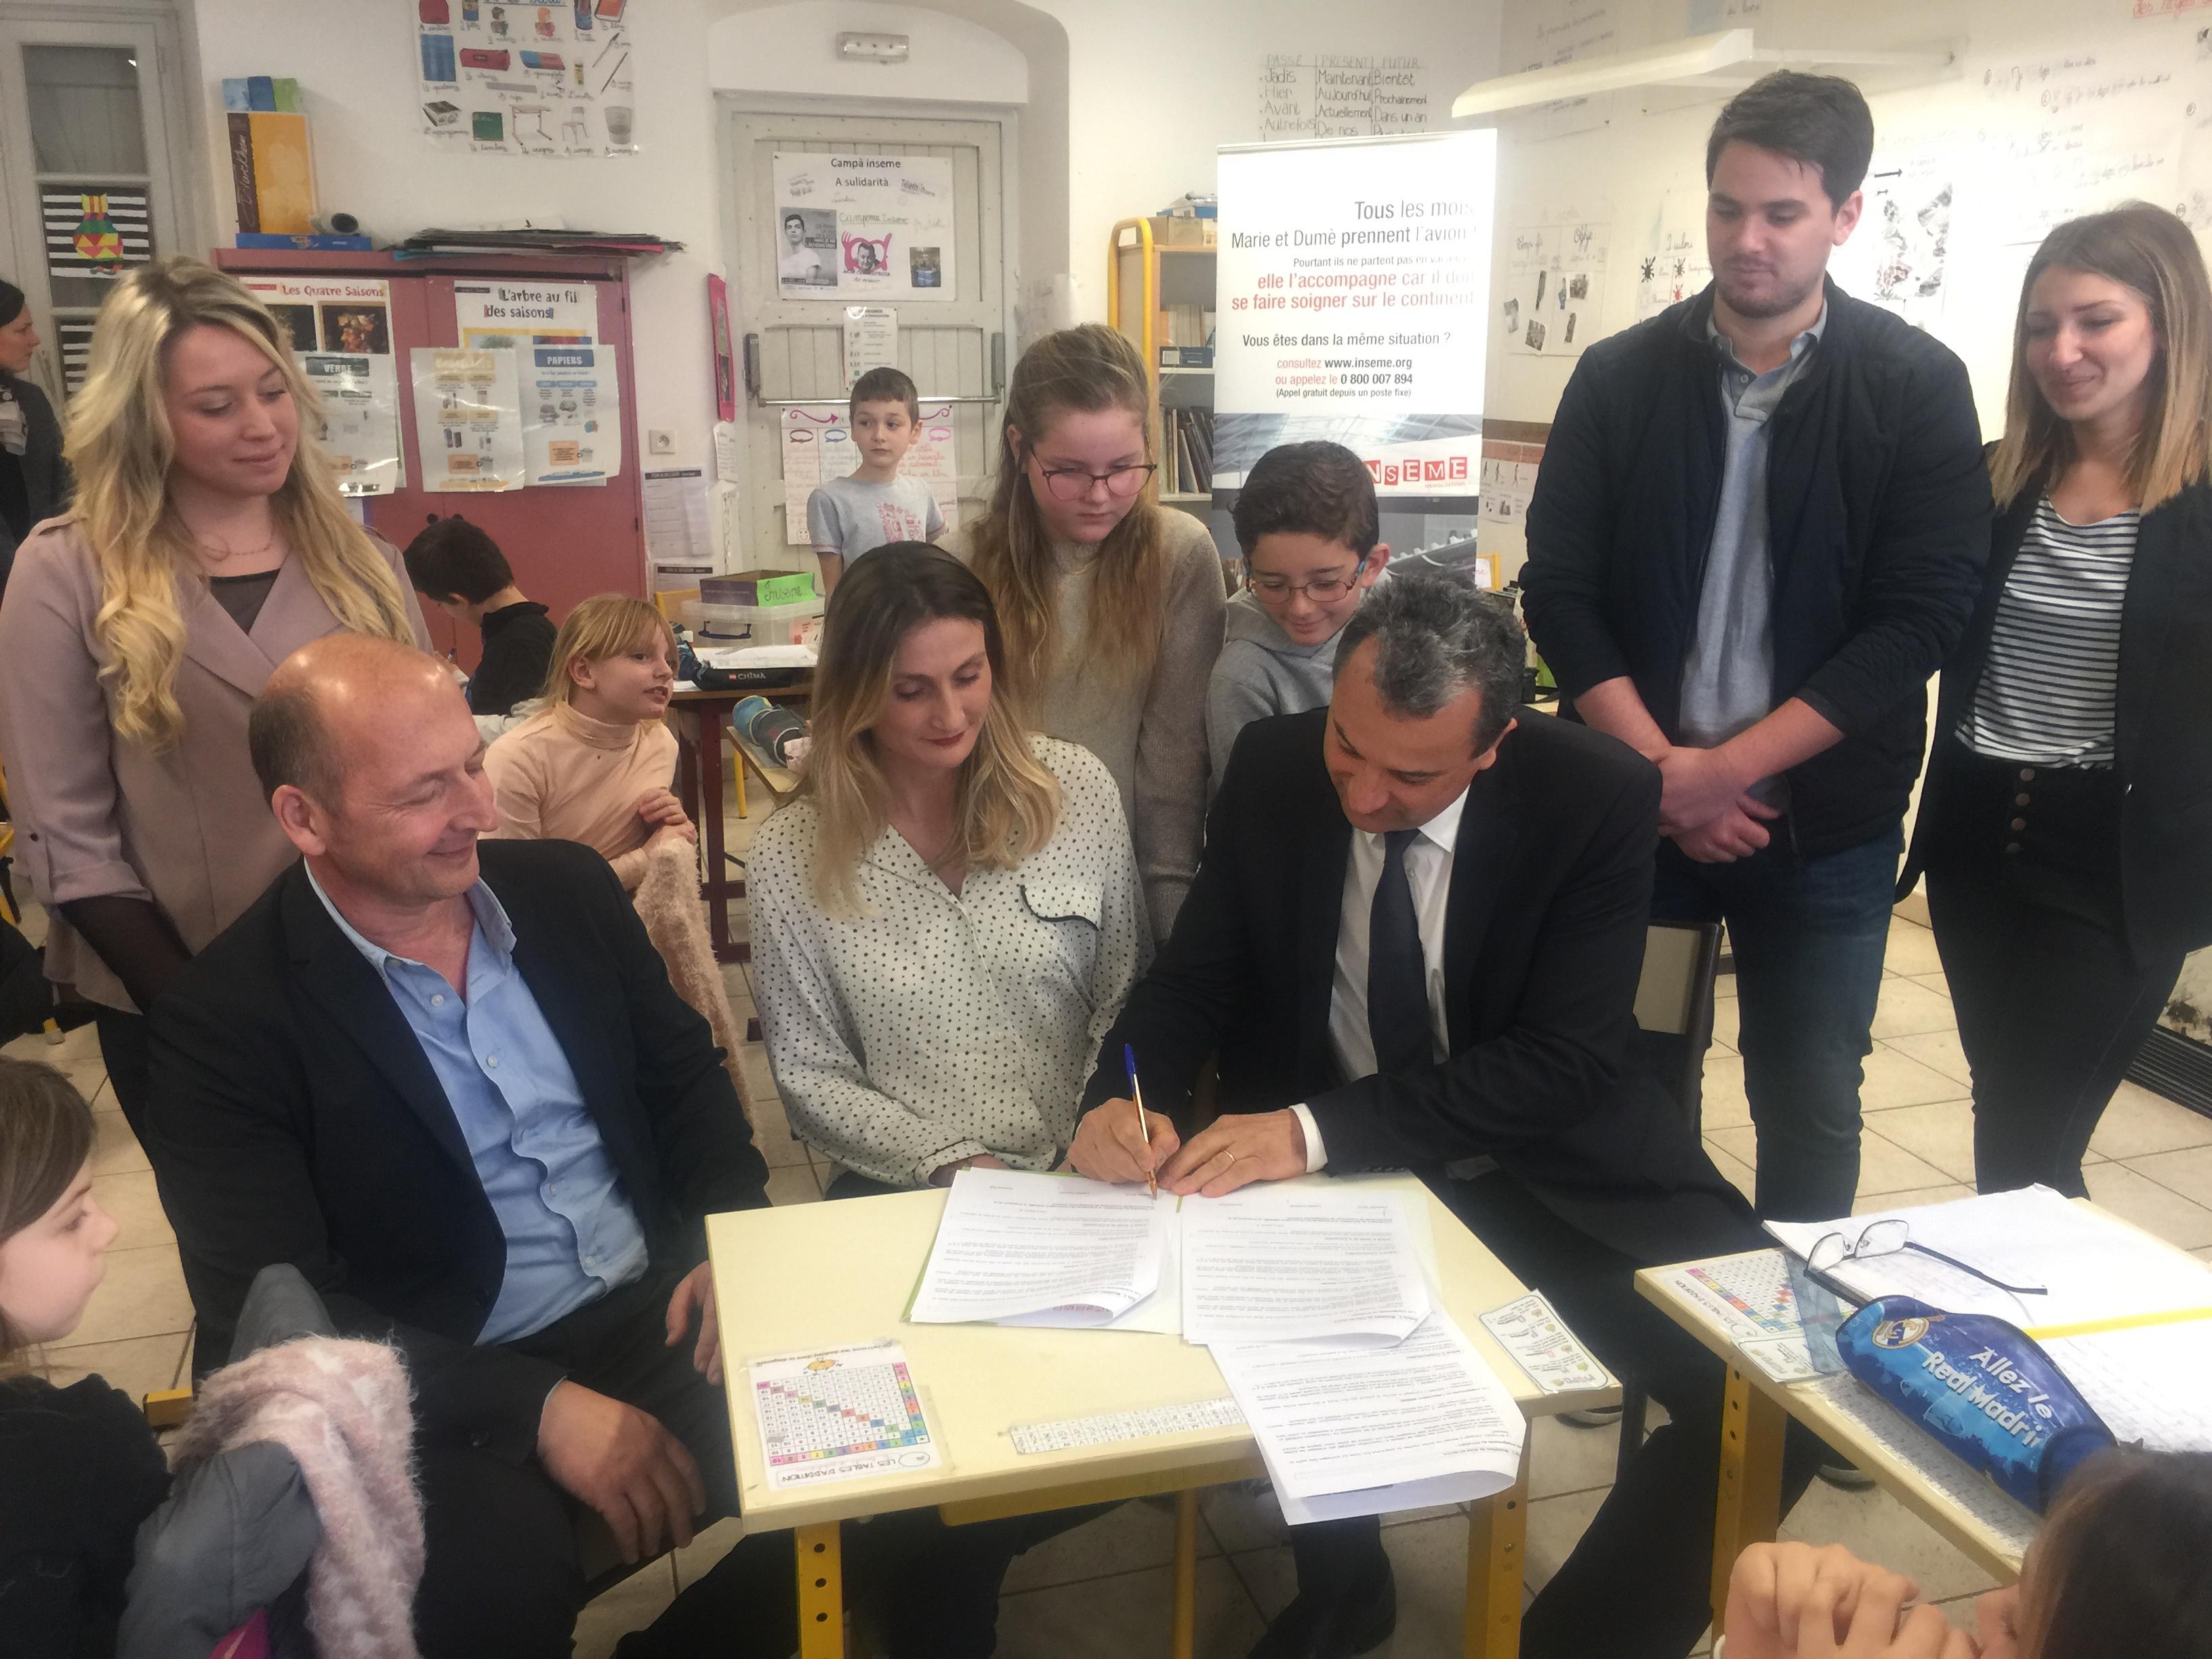 Recyclage : Les élèves de l'école primaire de Vescovato collectent les stylos usagés